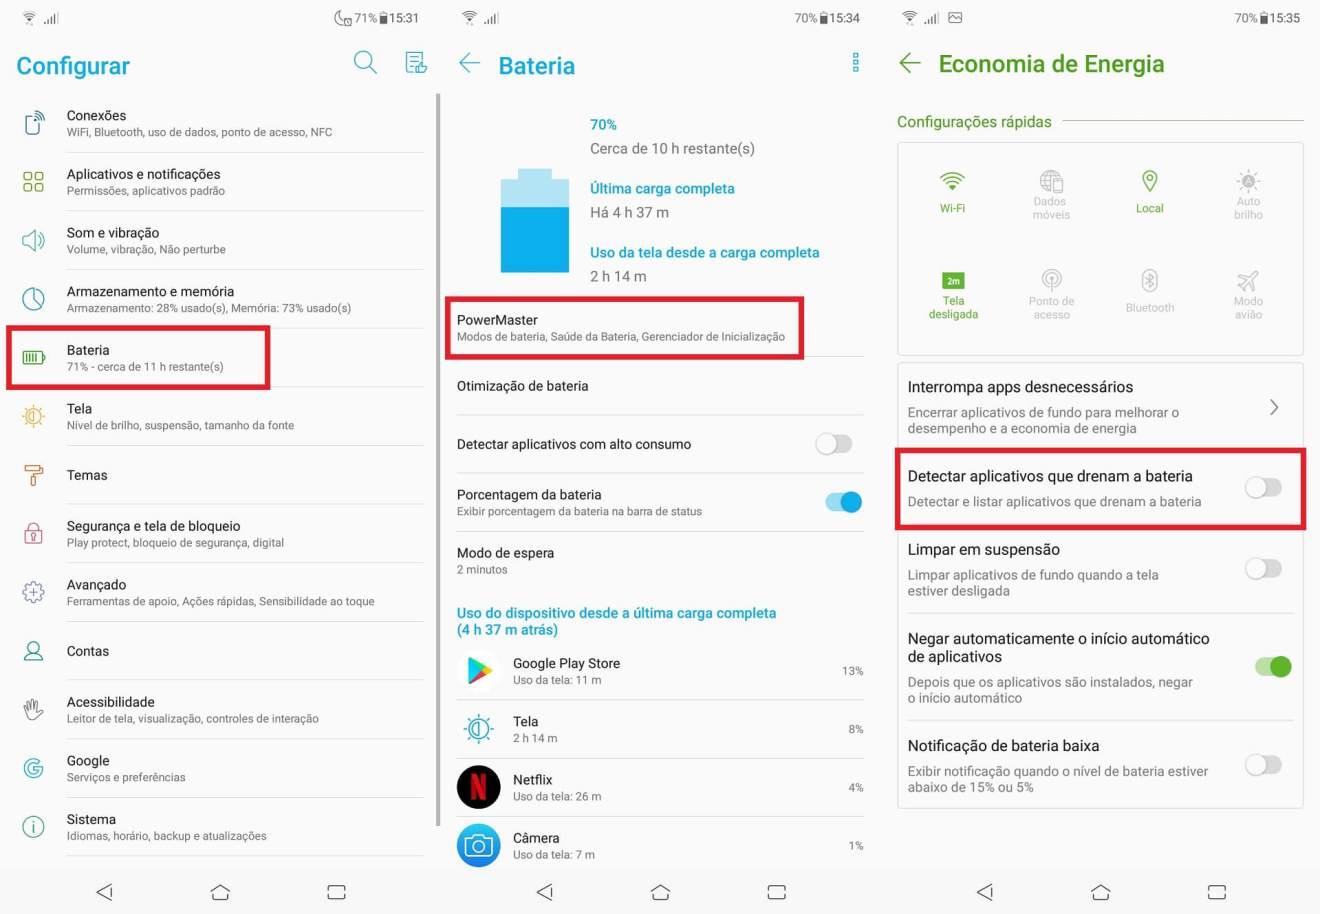 IMG 8 - Descubra 23 dicas e truques para os Asus Zenfone 5 e Zenfone 5Z